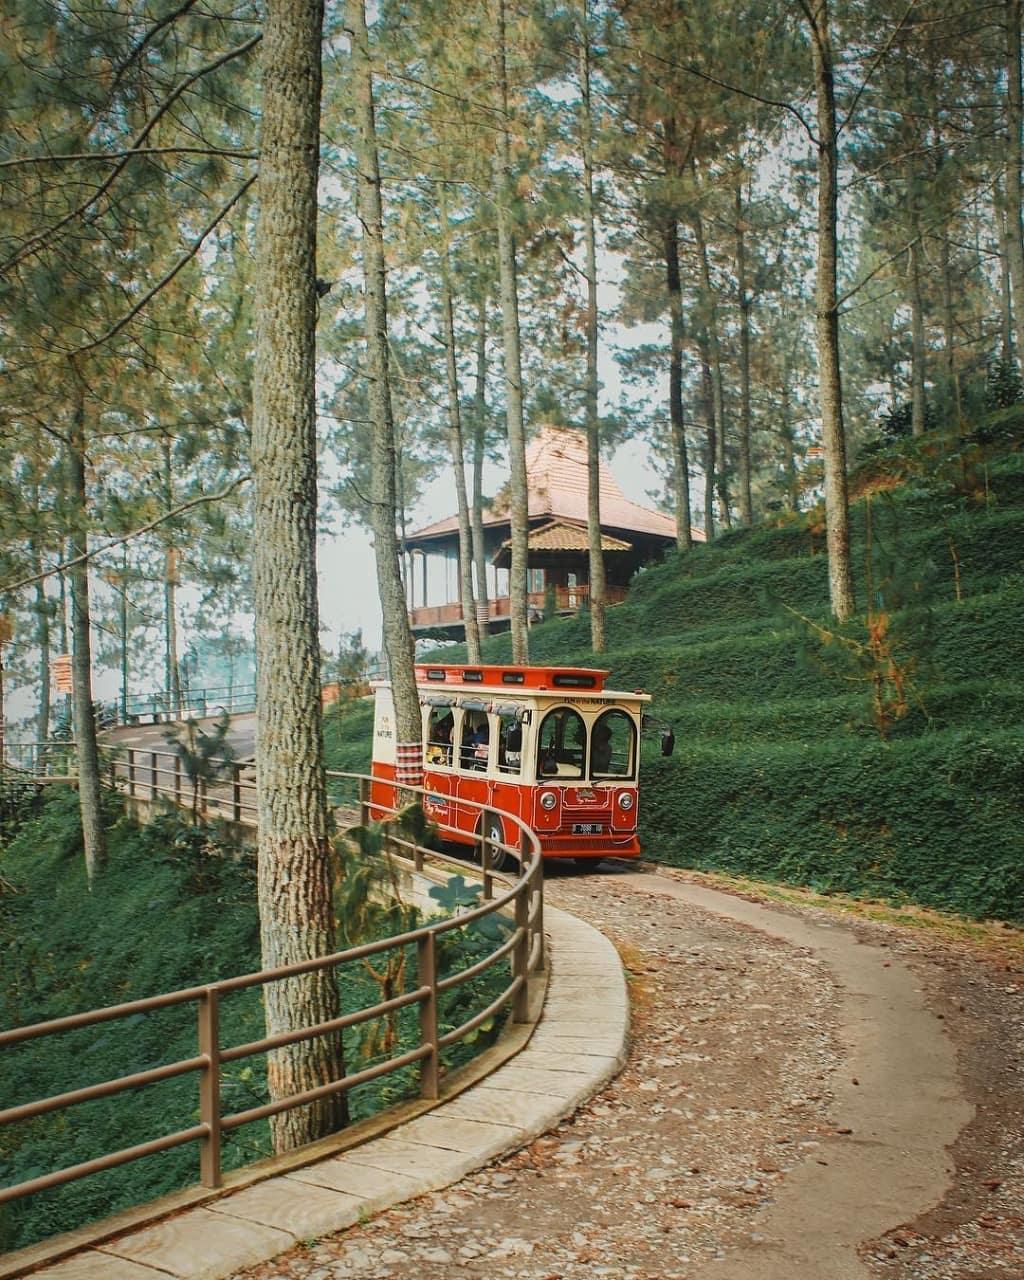 wisata bandung populer dago dream park